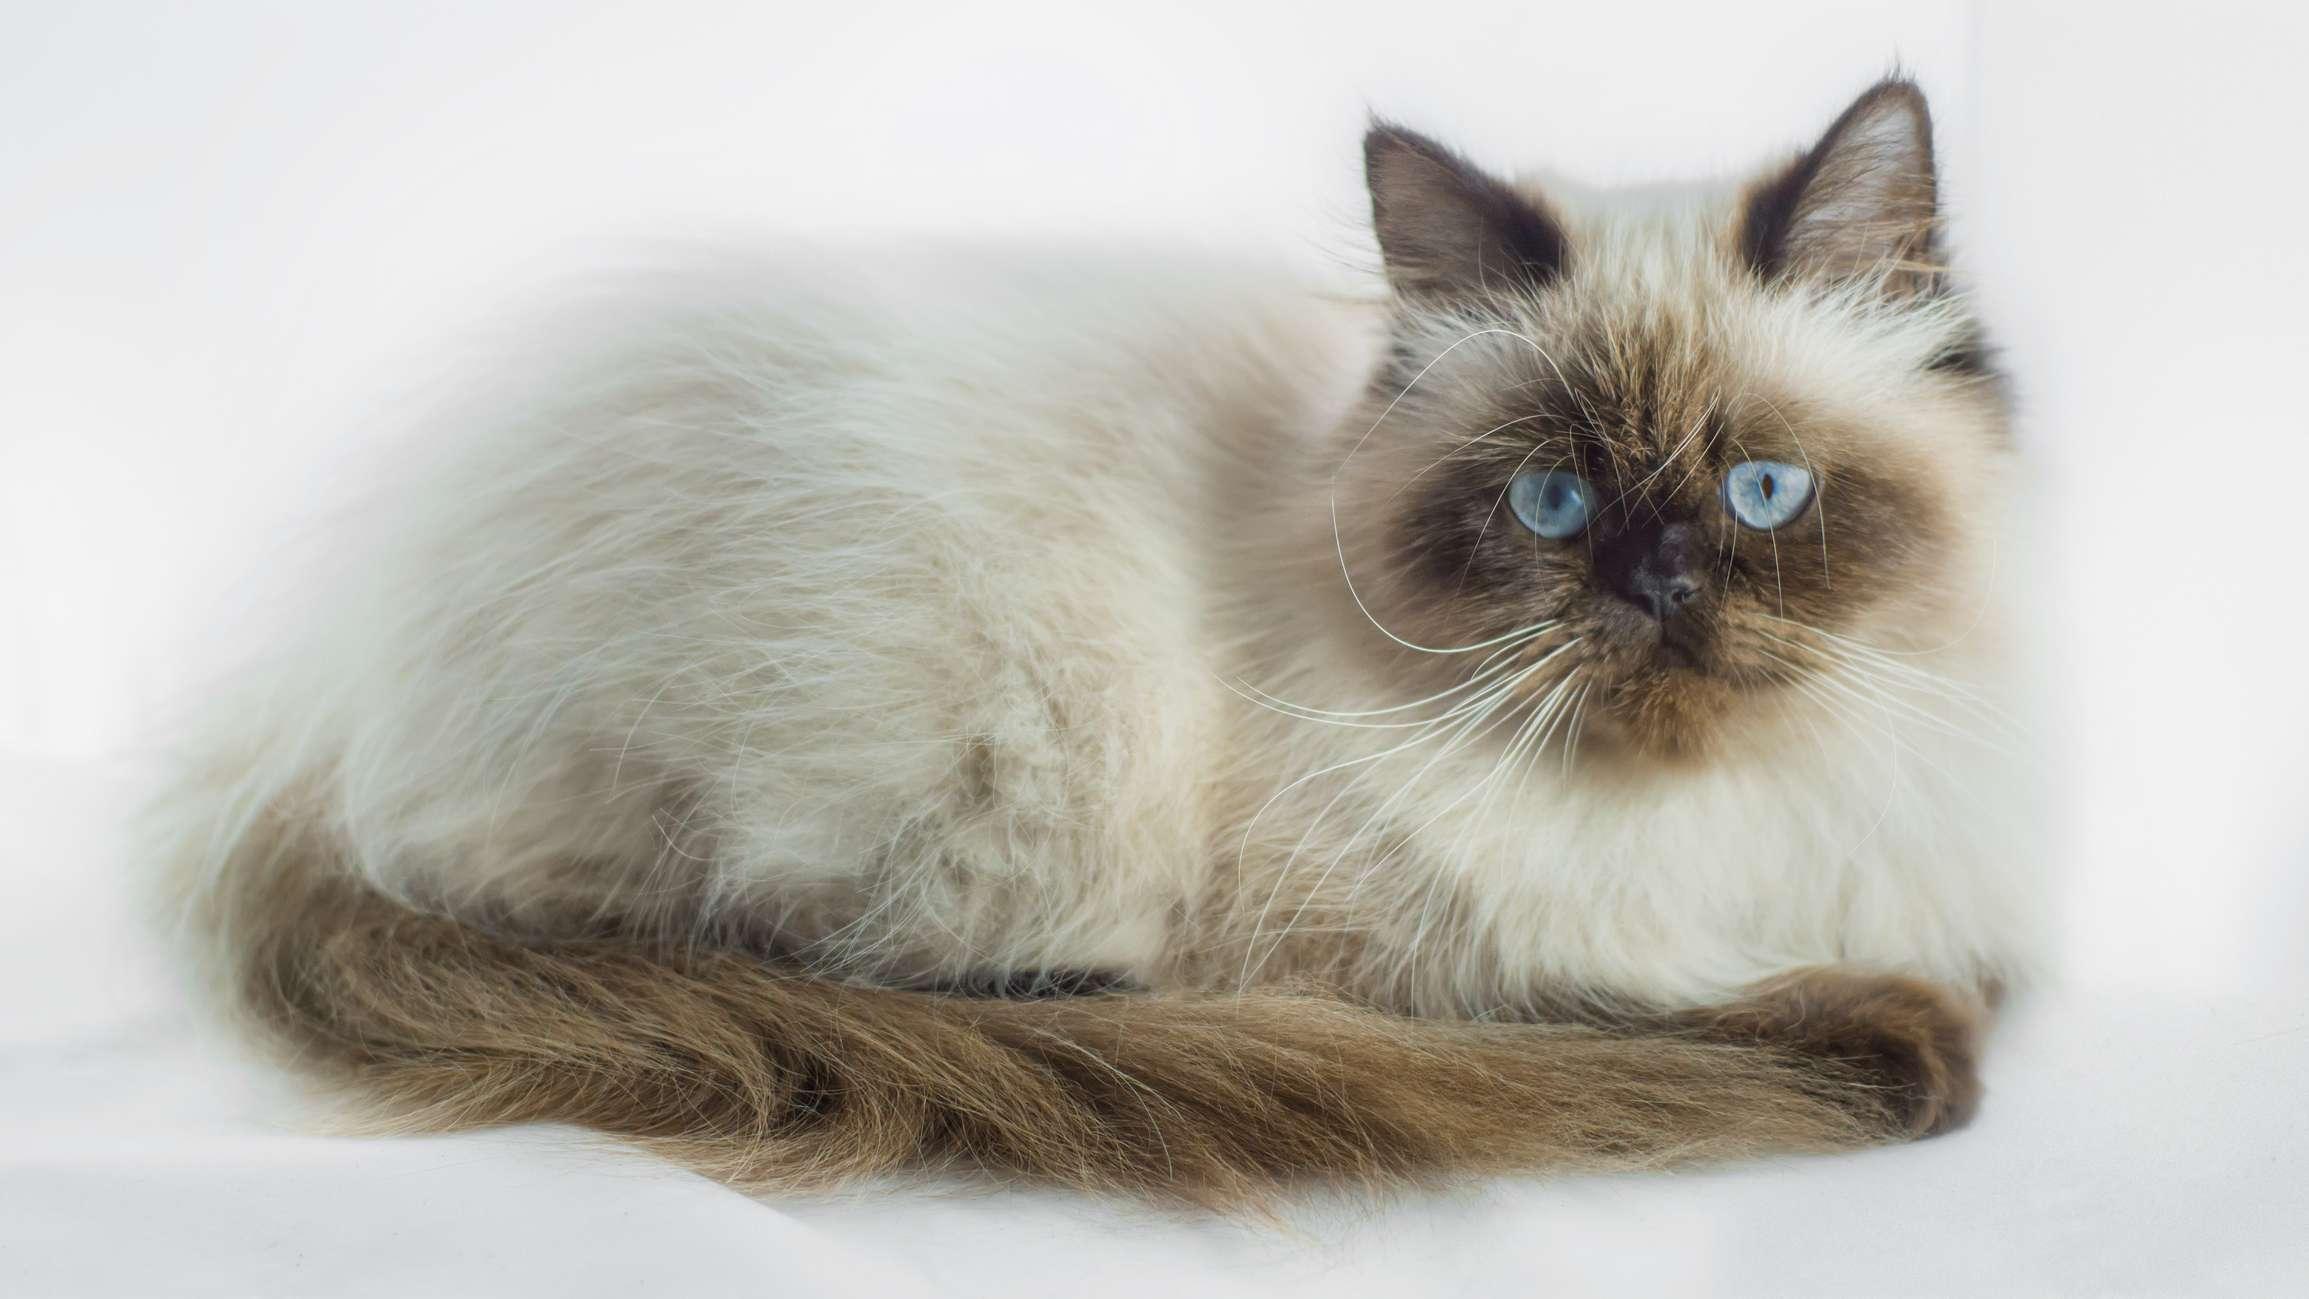 Гималайская кошка с коричневыми мордочкой и хвостом